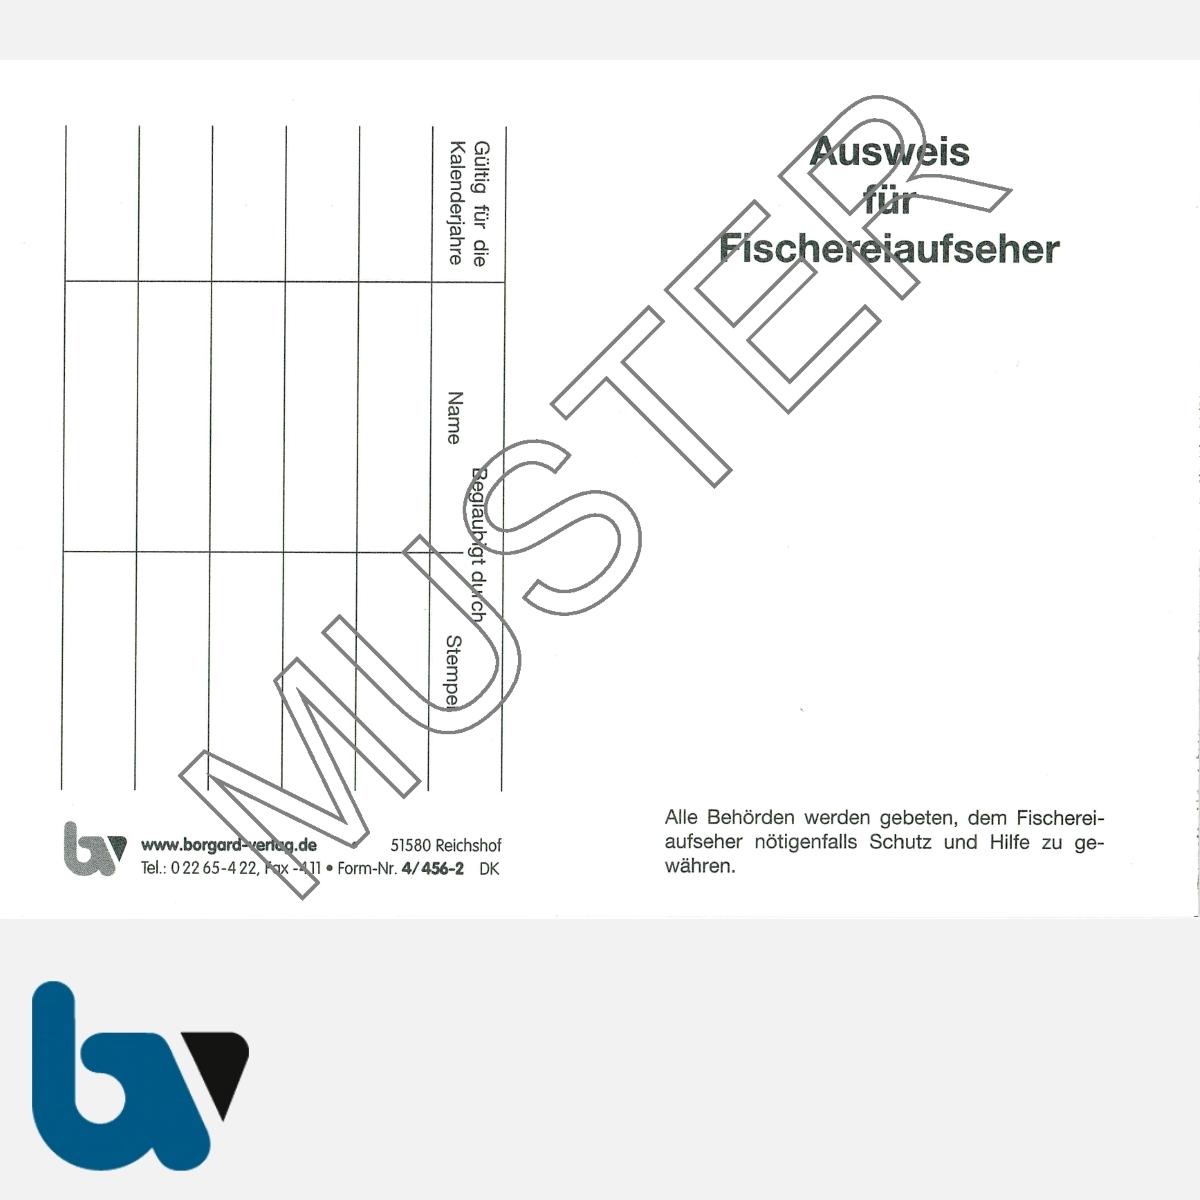 4/456-2 Ausweis für Fischereiaufseher weiß Neobond Muster VS   Borgard Verlag GmbH